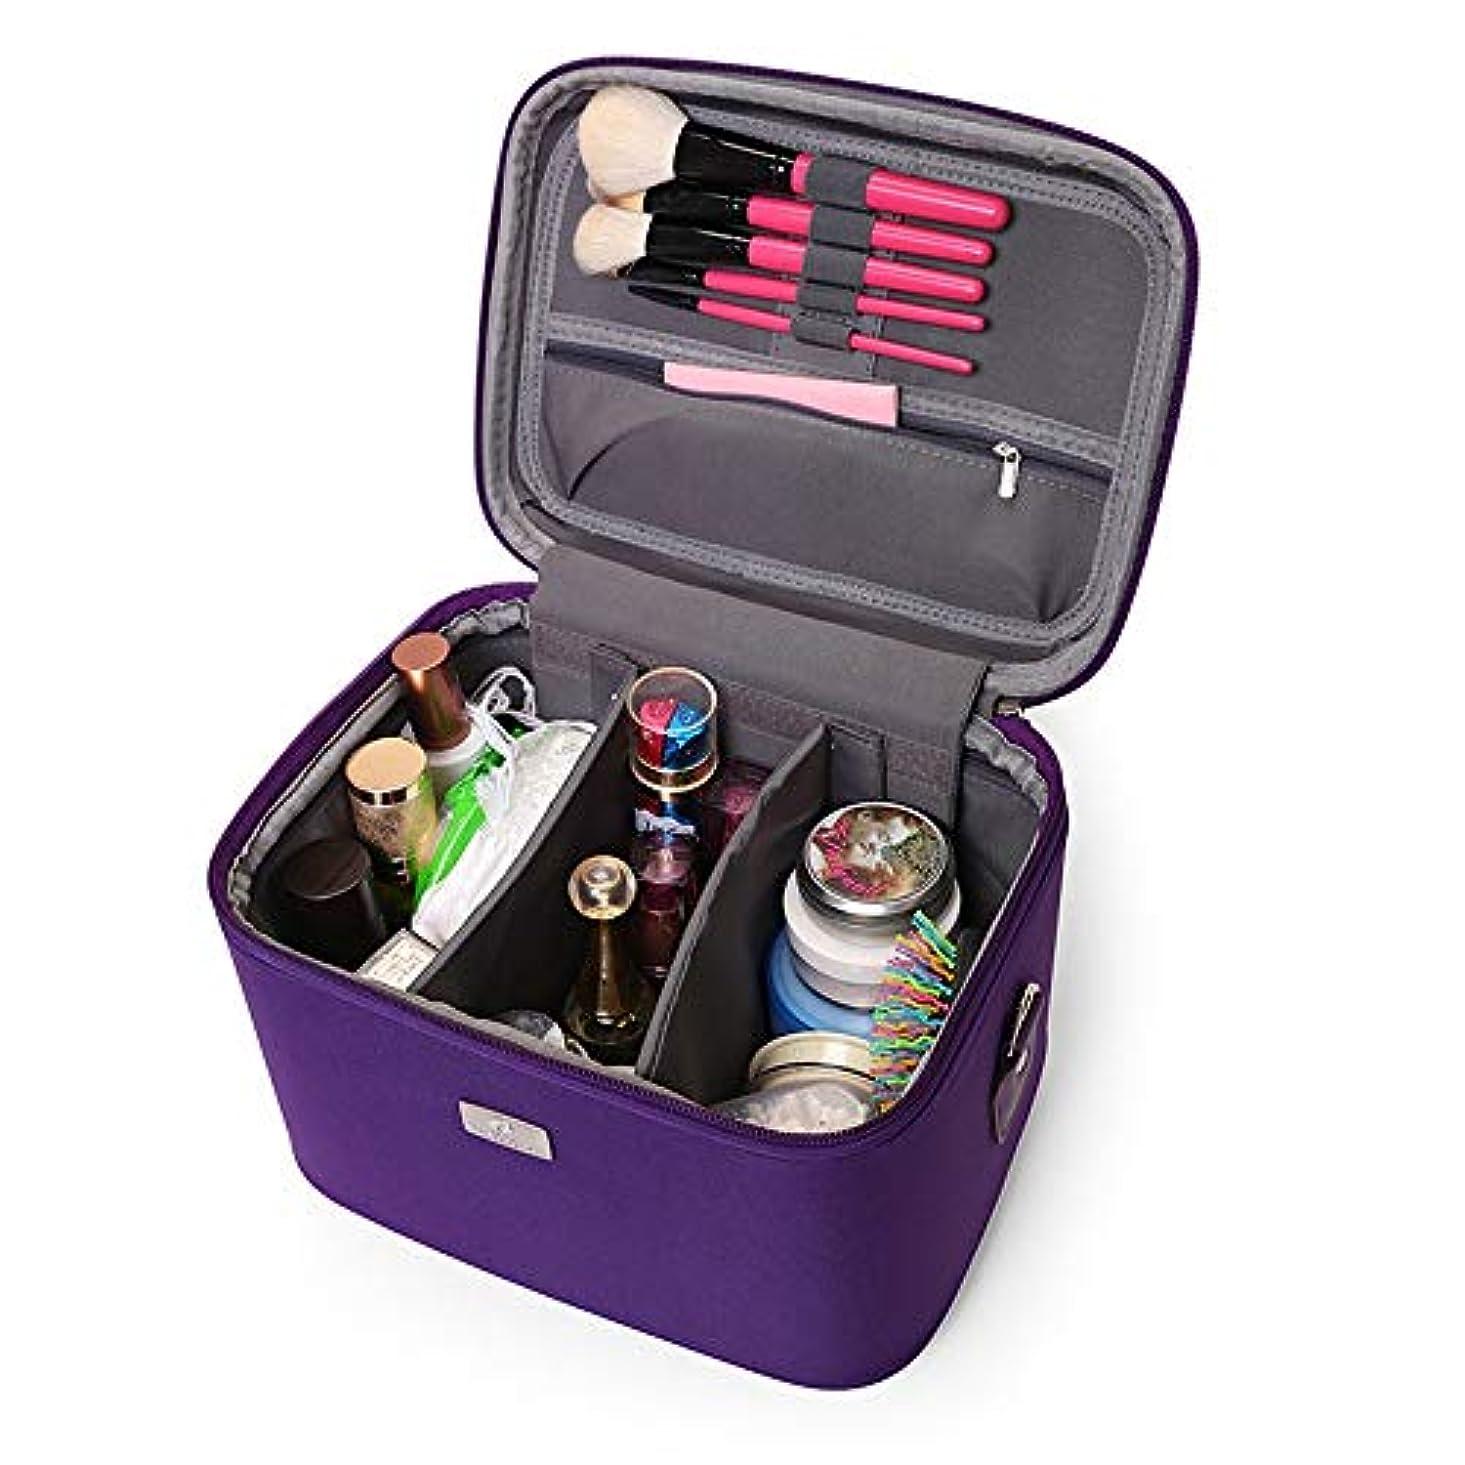 影響悪質な和解する化粧オーガナイザーバッグ 14インチのメイクアップトラベルバッグPUレター防水化粧ケースのティーン女の子の女性アーティスト 化粧品ケース (色 : 紫の)